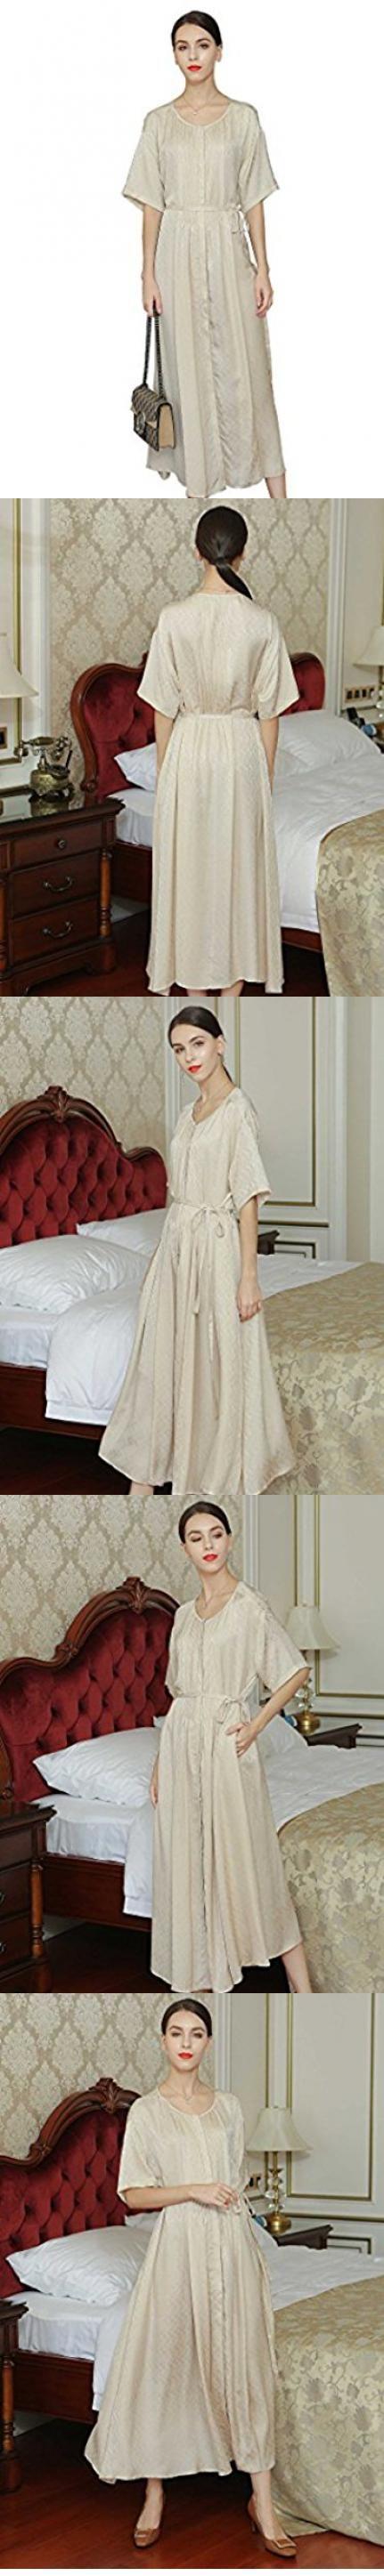 Voa womenus offwhite short sleeve jacquard maxi dress a high